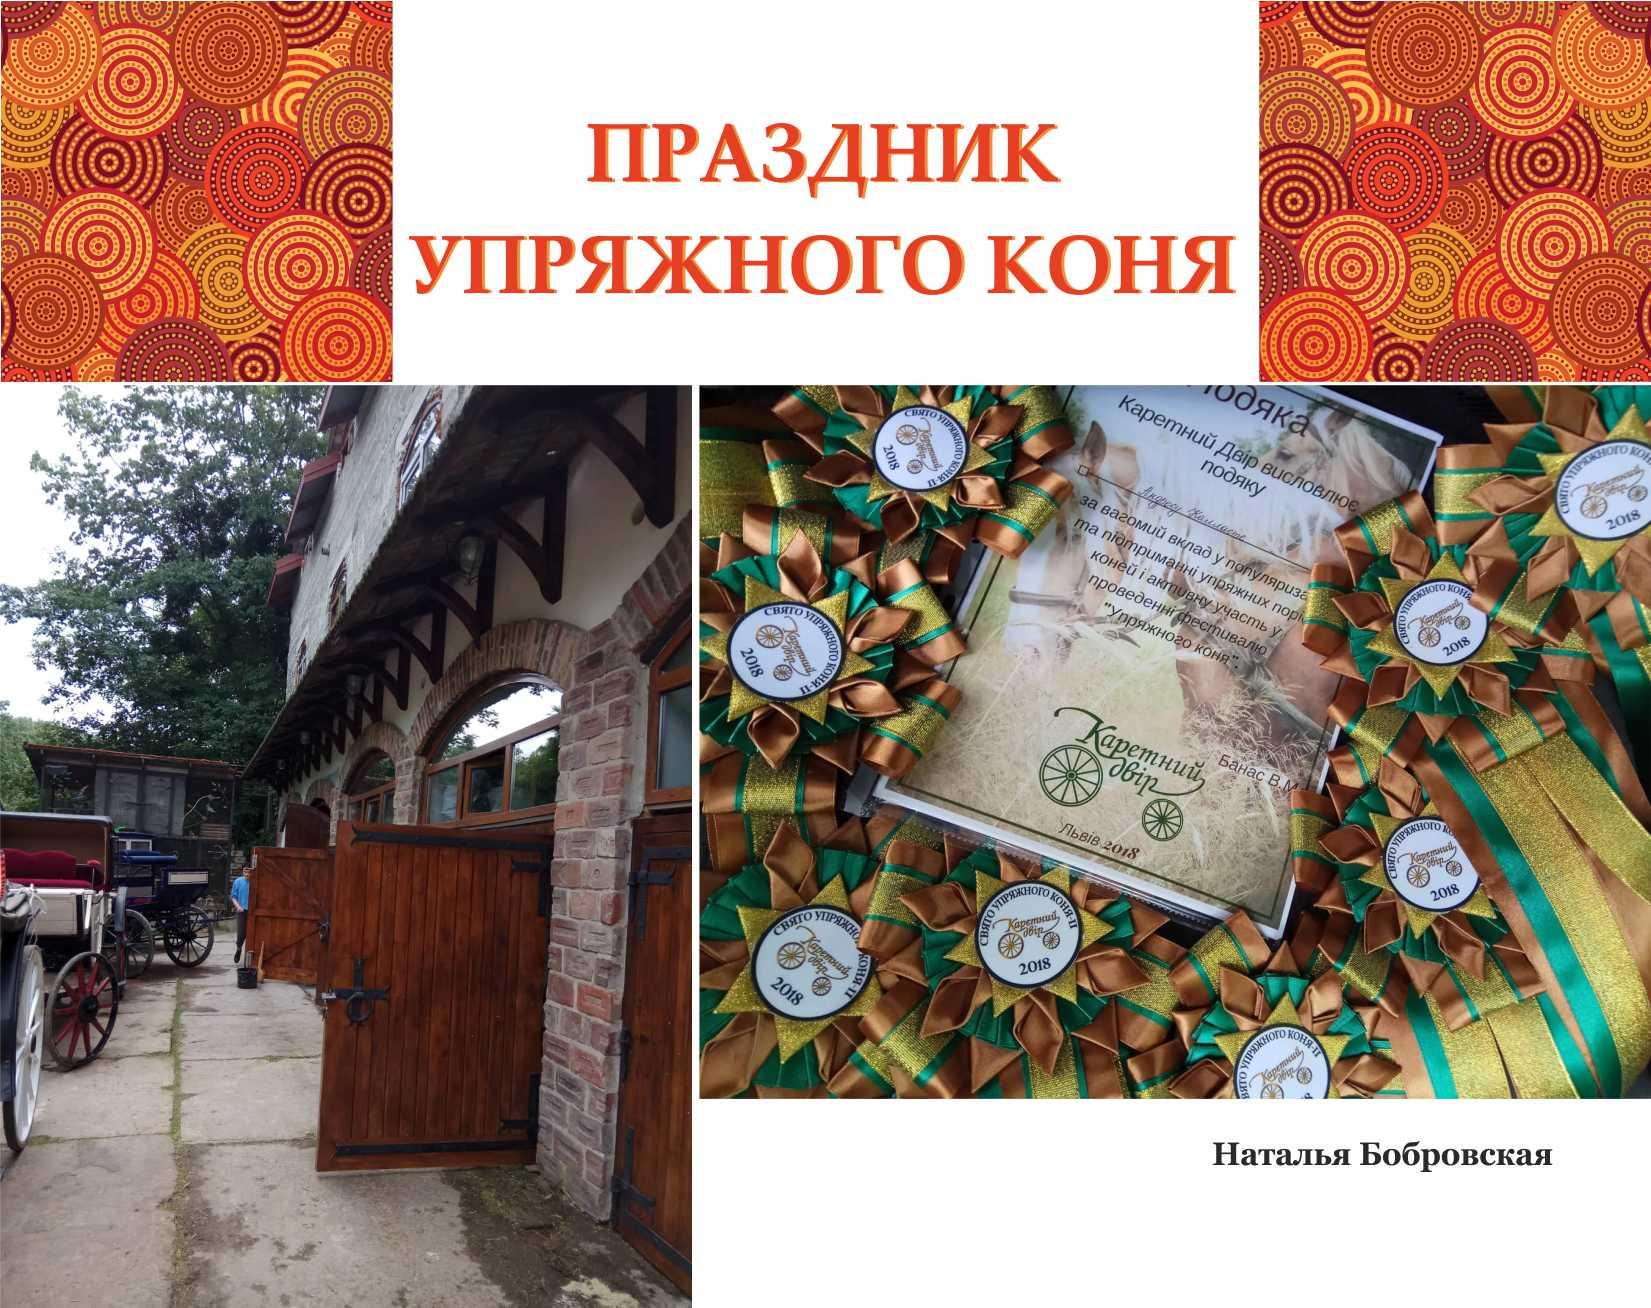 Праздник Упряжного Коня_(выпуск журнала №41)